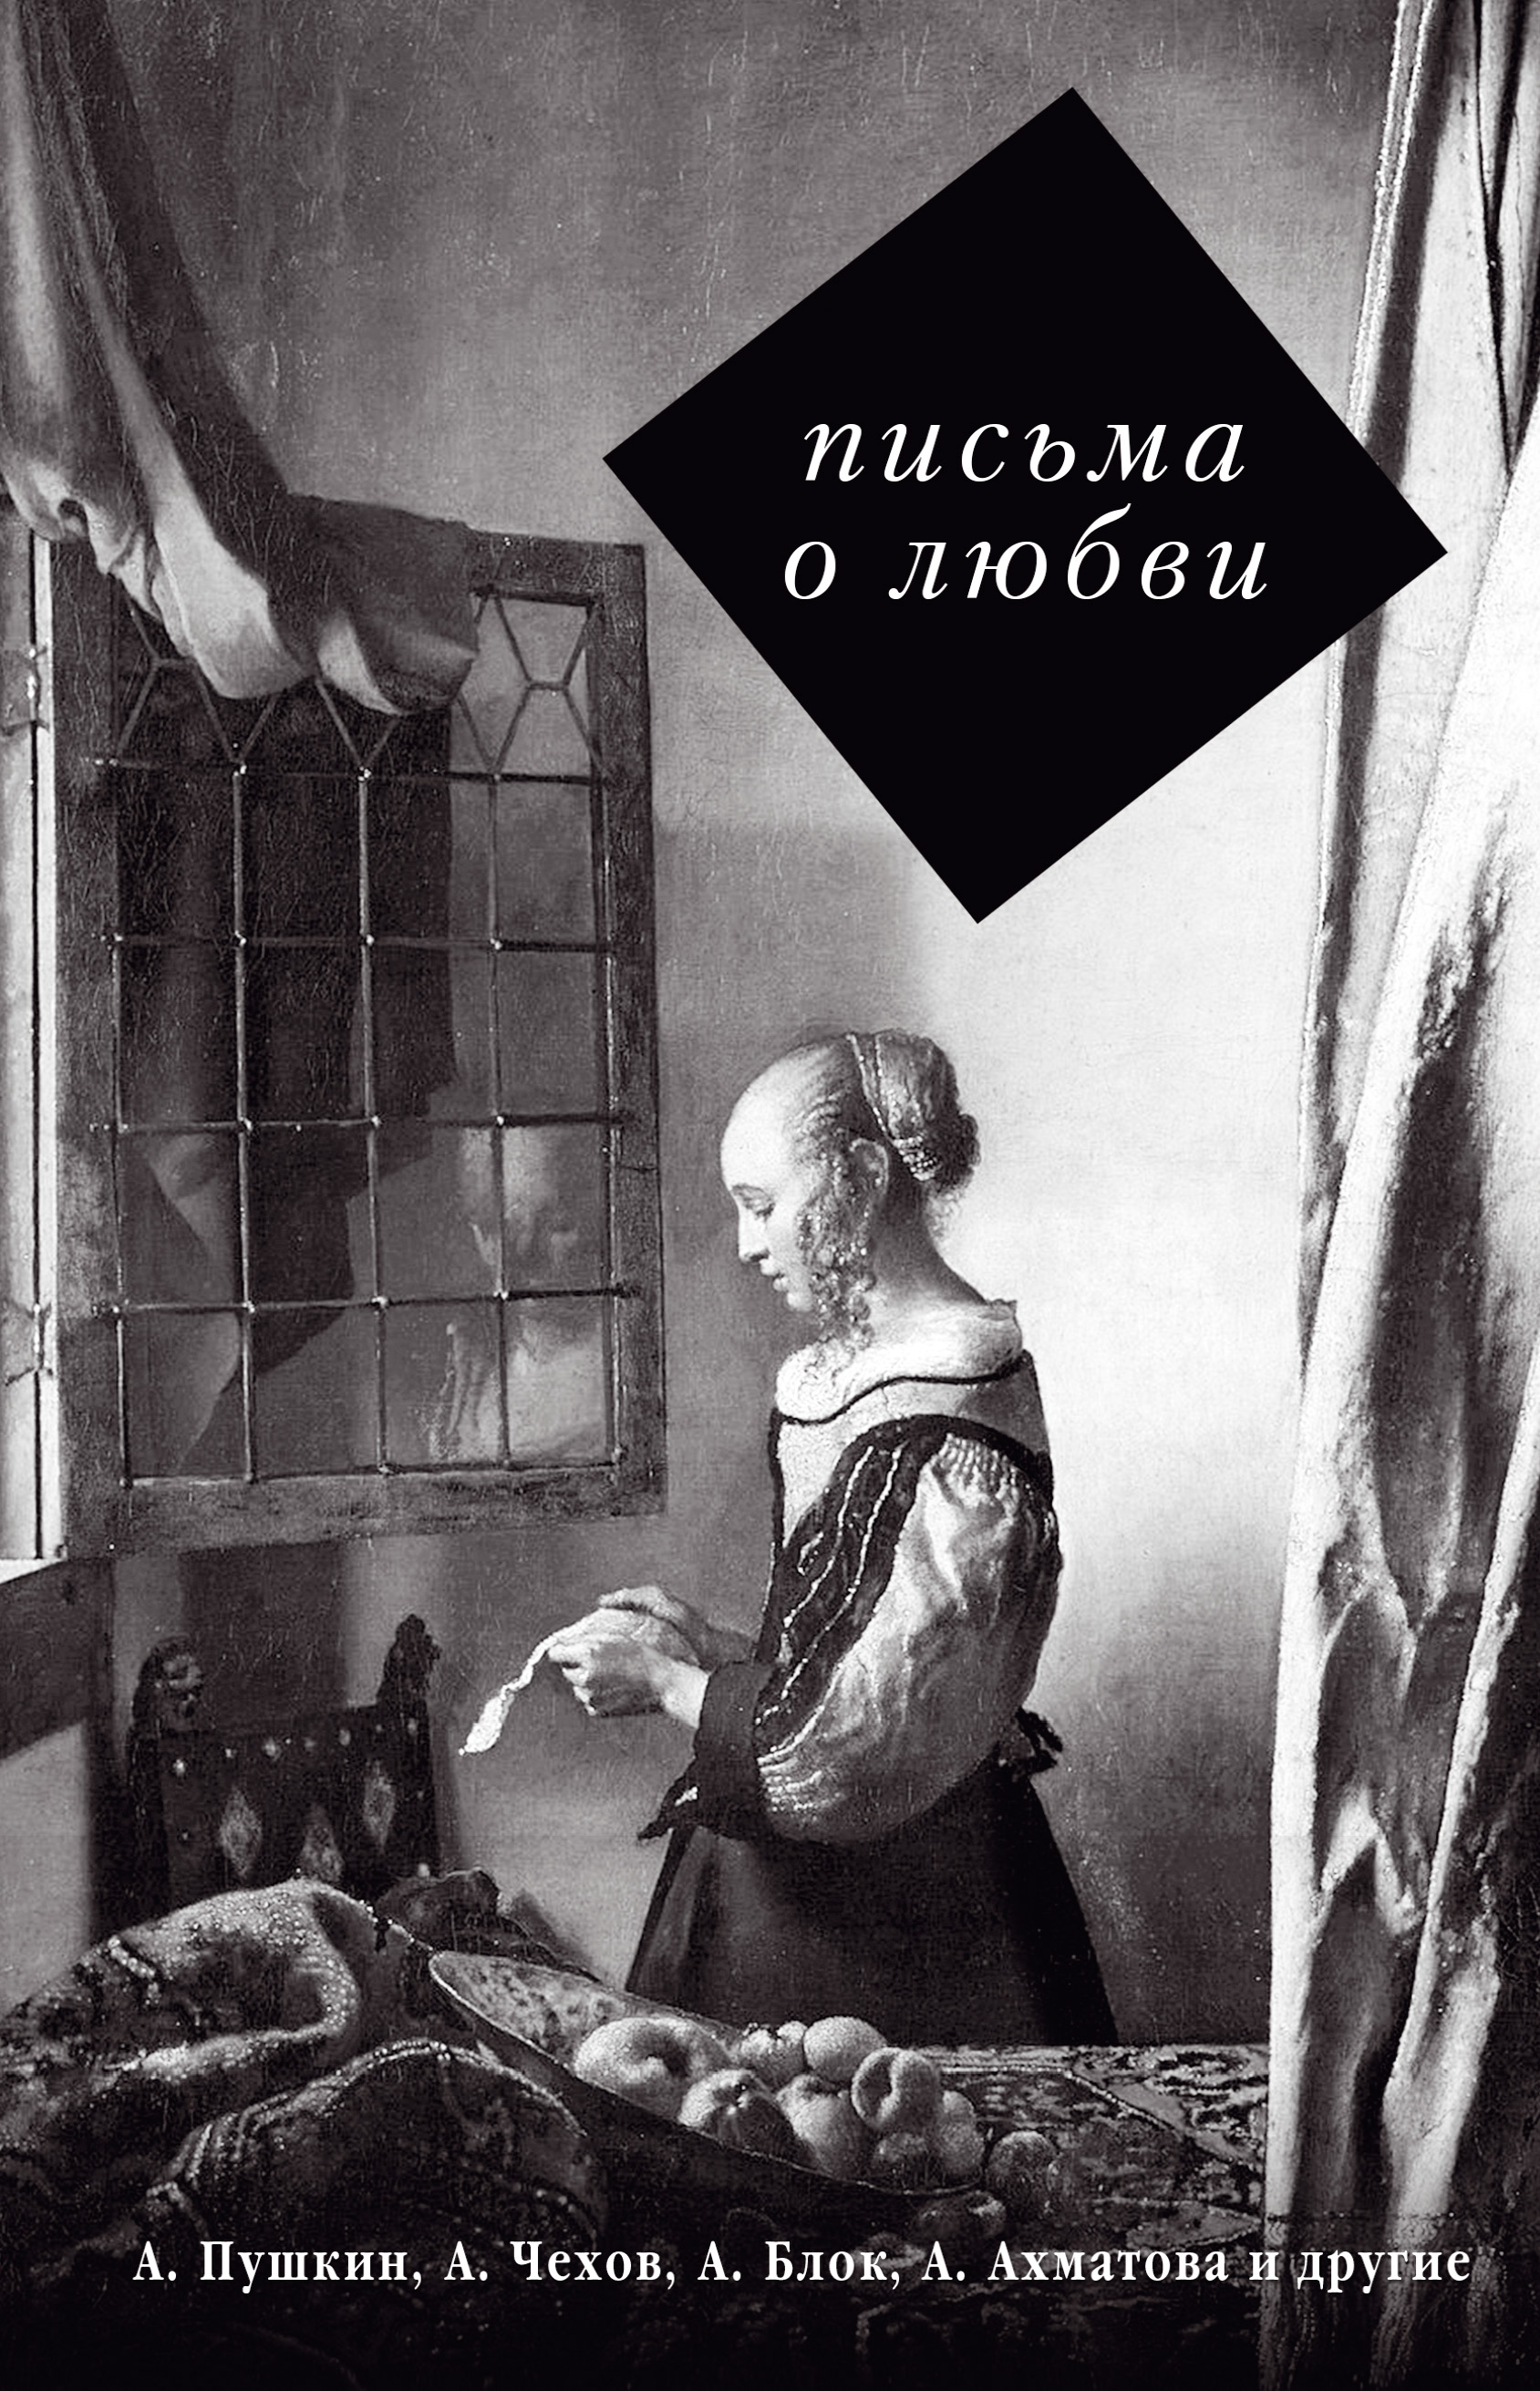 Сергей Нечаев Письма о любви